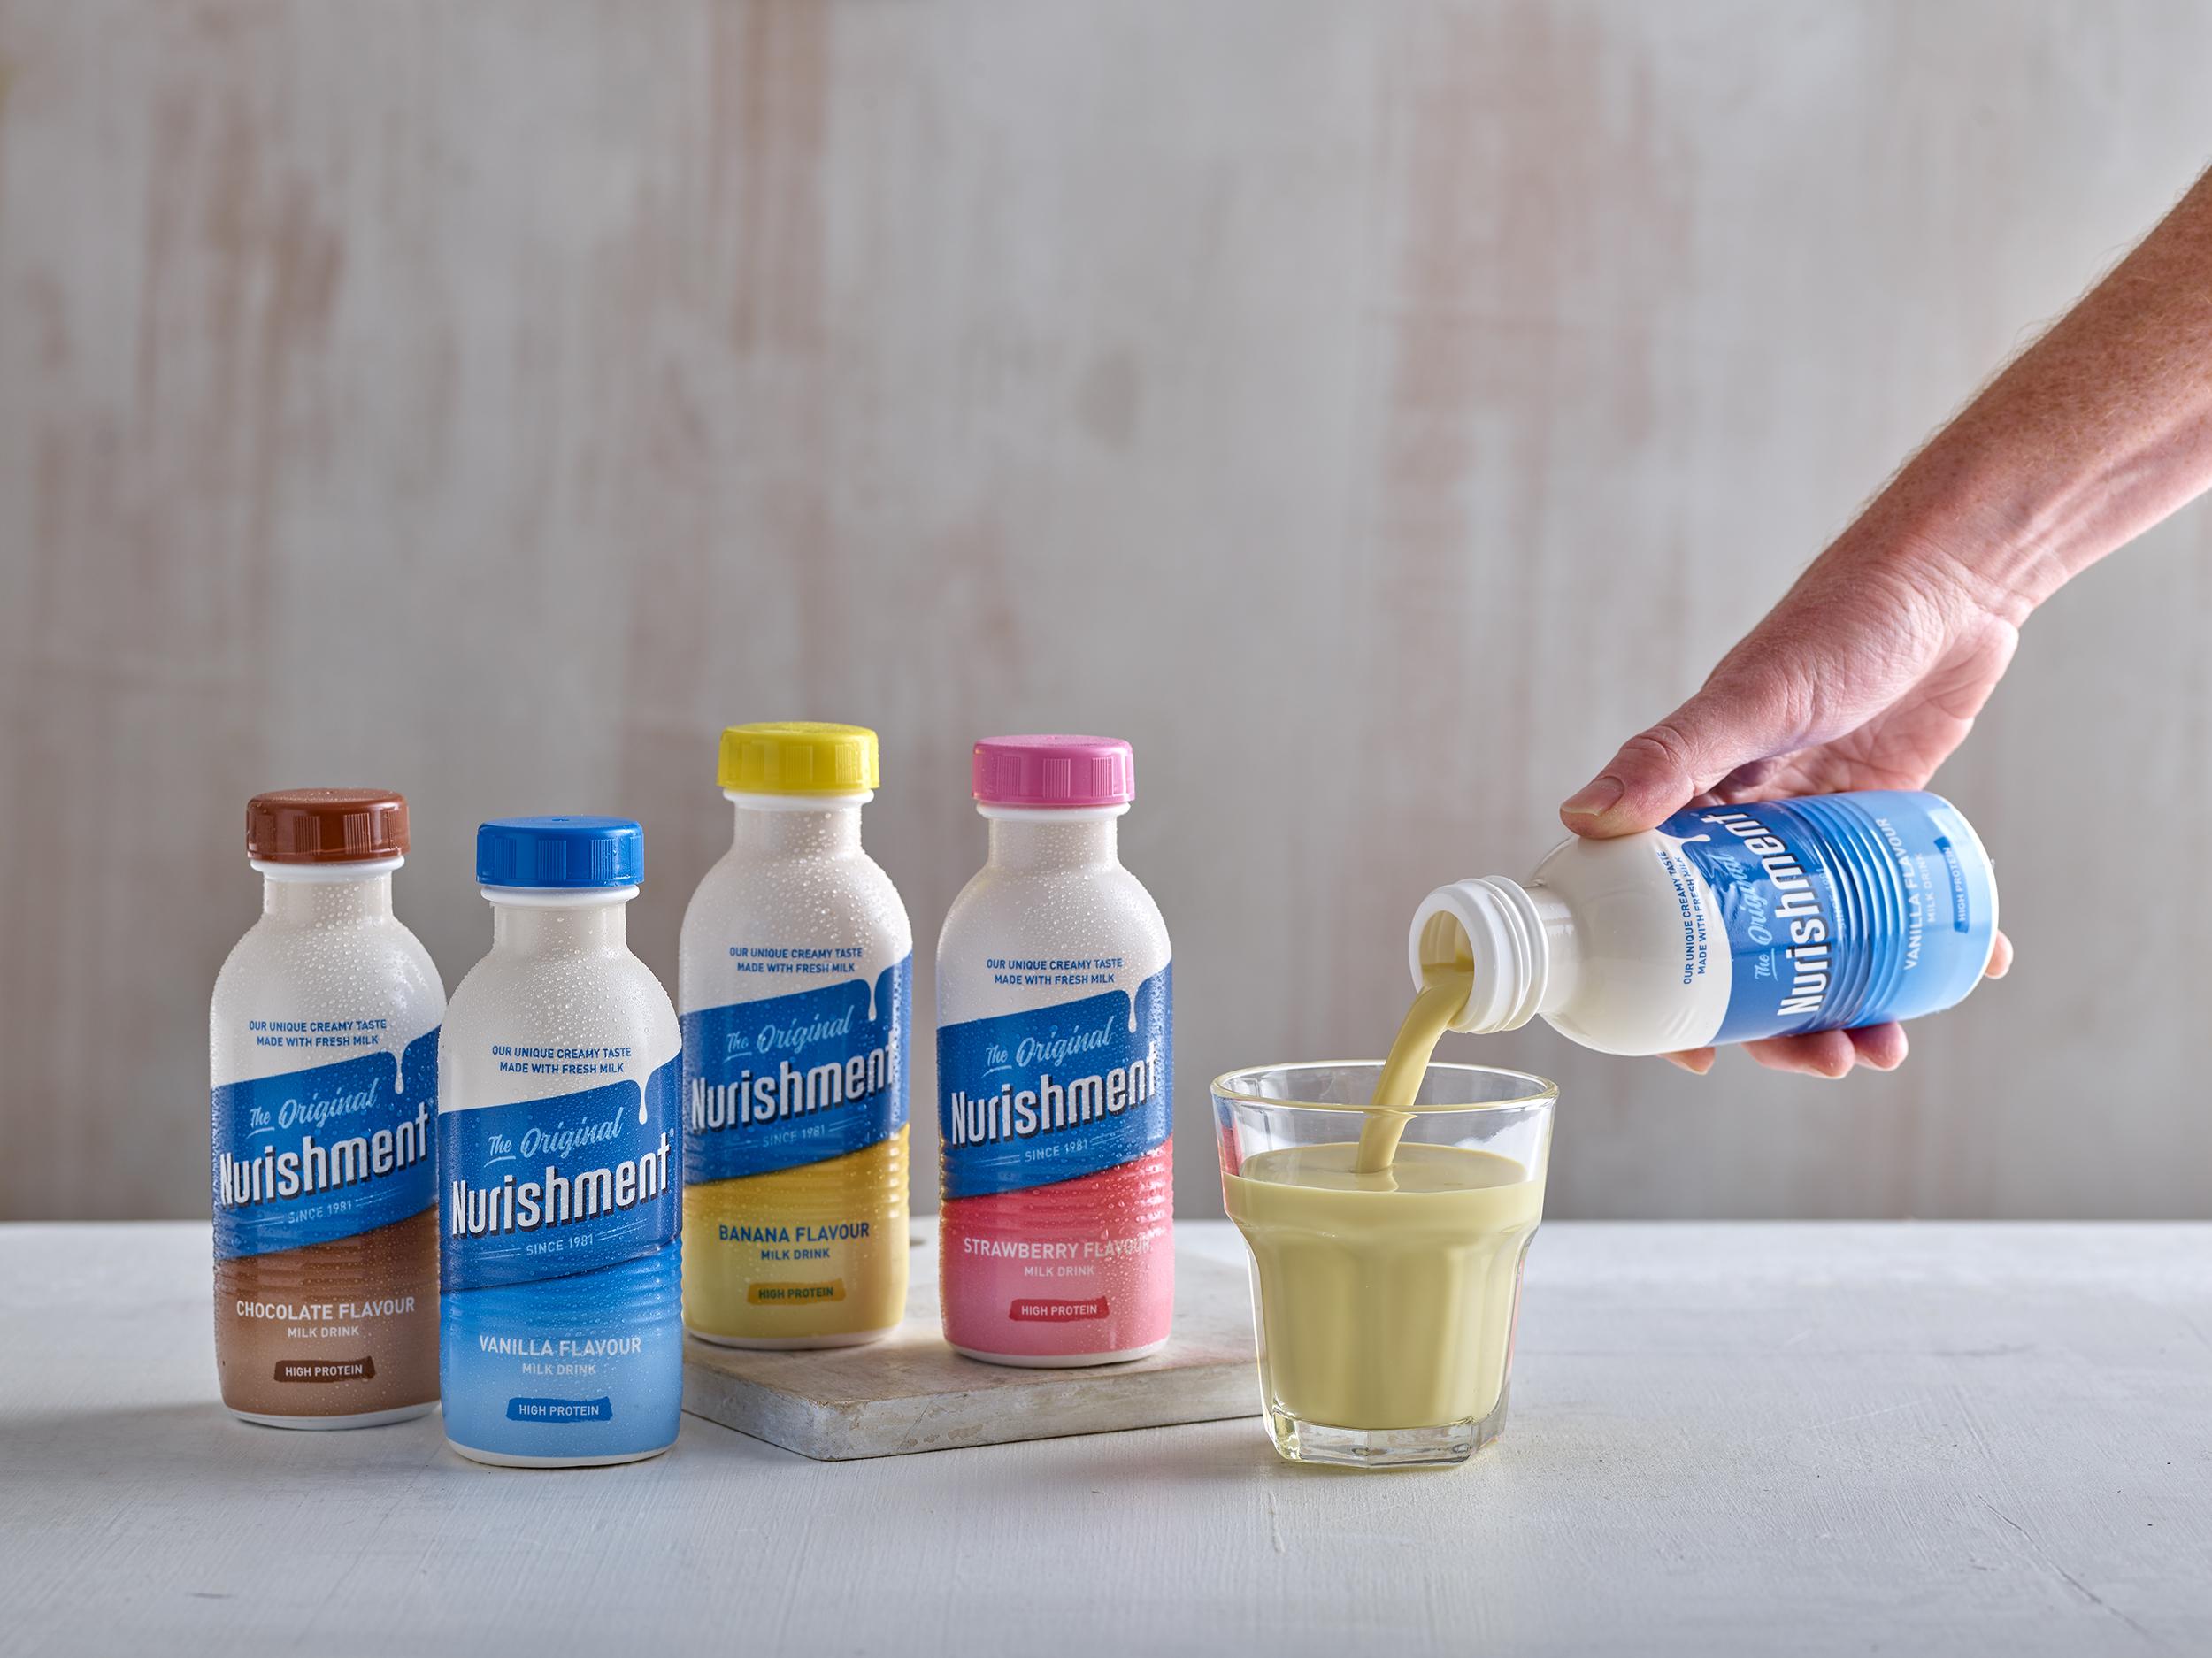 alternatives-eggs-morning-breakfast-nurishment-milk-drinks